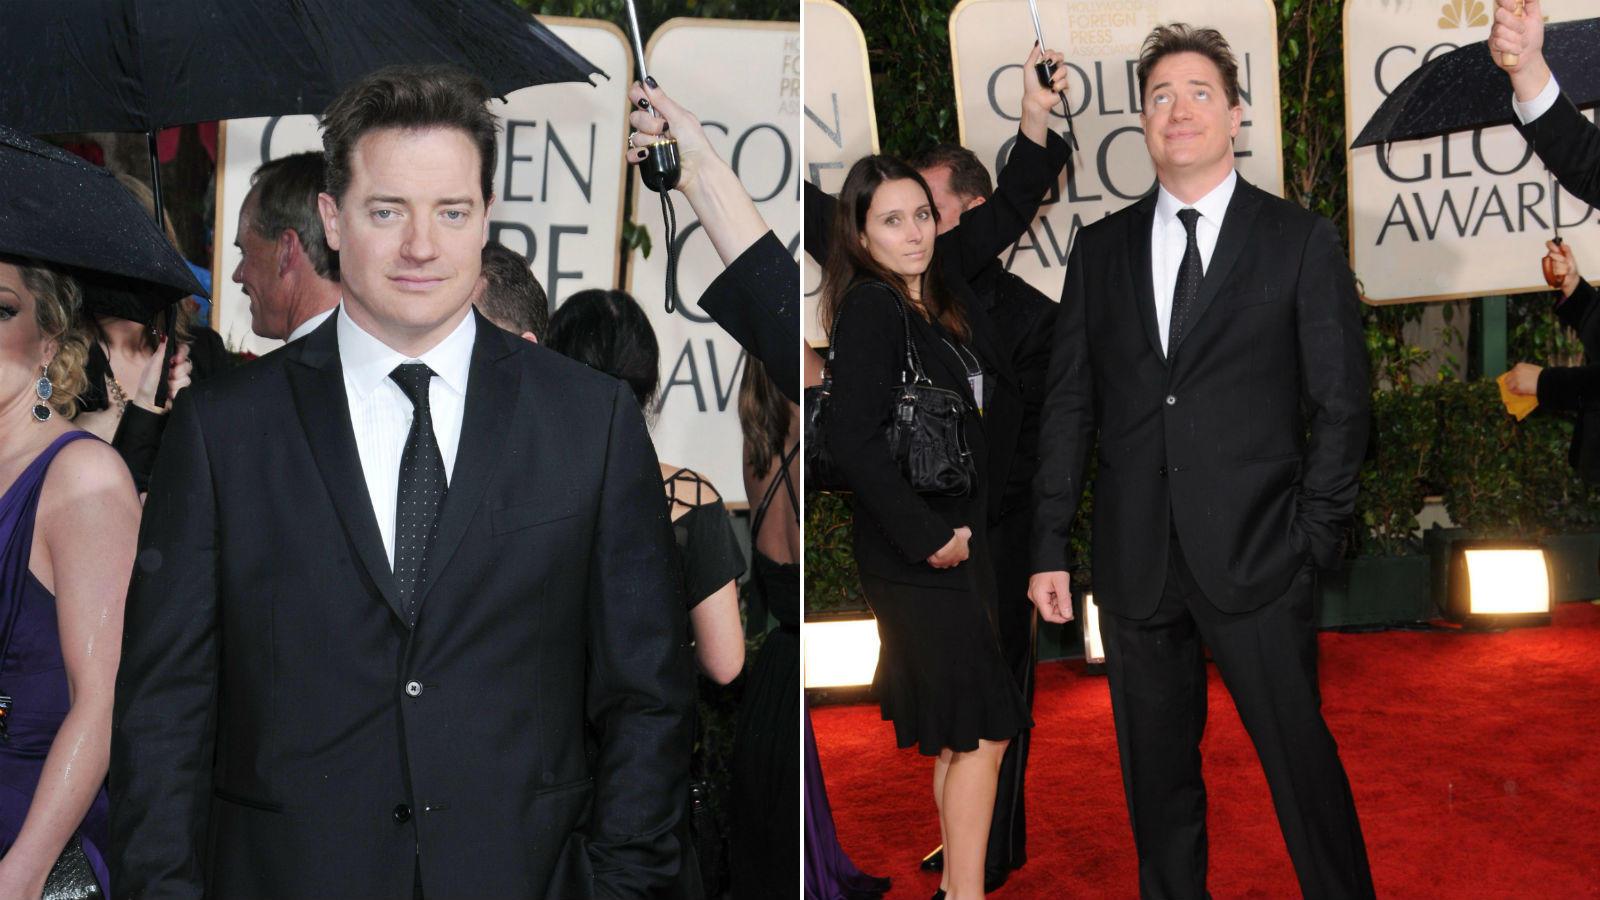 Brendan Fraser biztos tapsolni szeretett volna, de a 2010-es Golden Globe gálán ez nem jött össze, inkább hasonlított fura vudu szertartásra vagy rohamra, amit a kezeivel művelt. (REX/ Shutterstock)